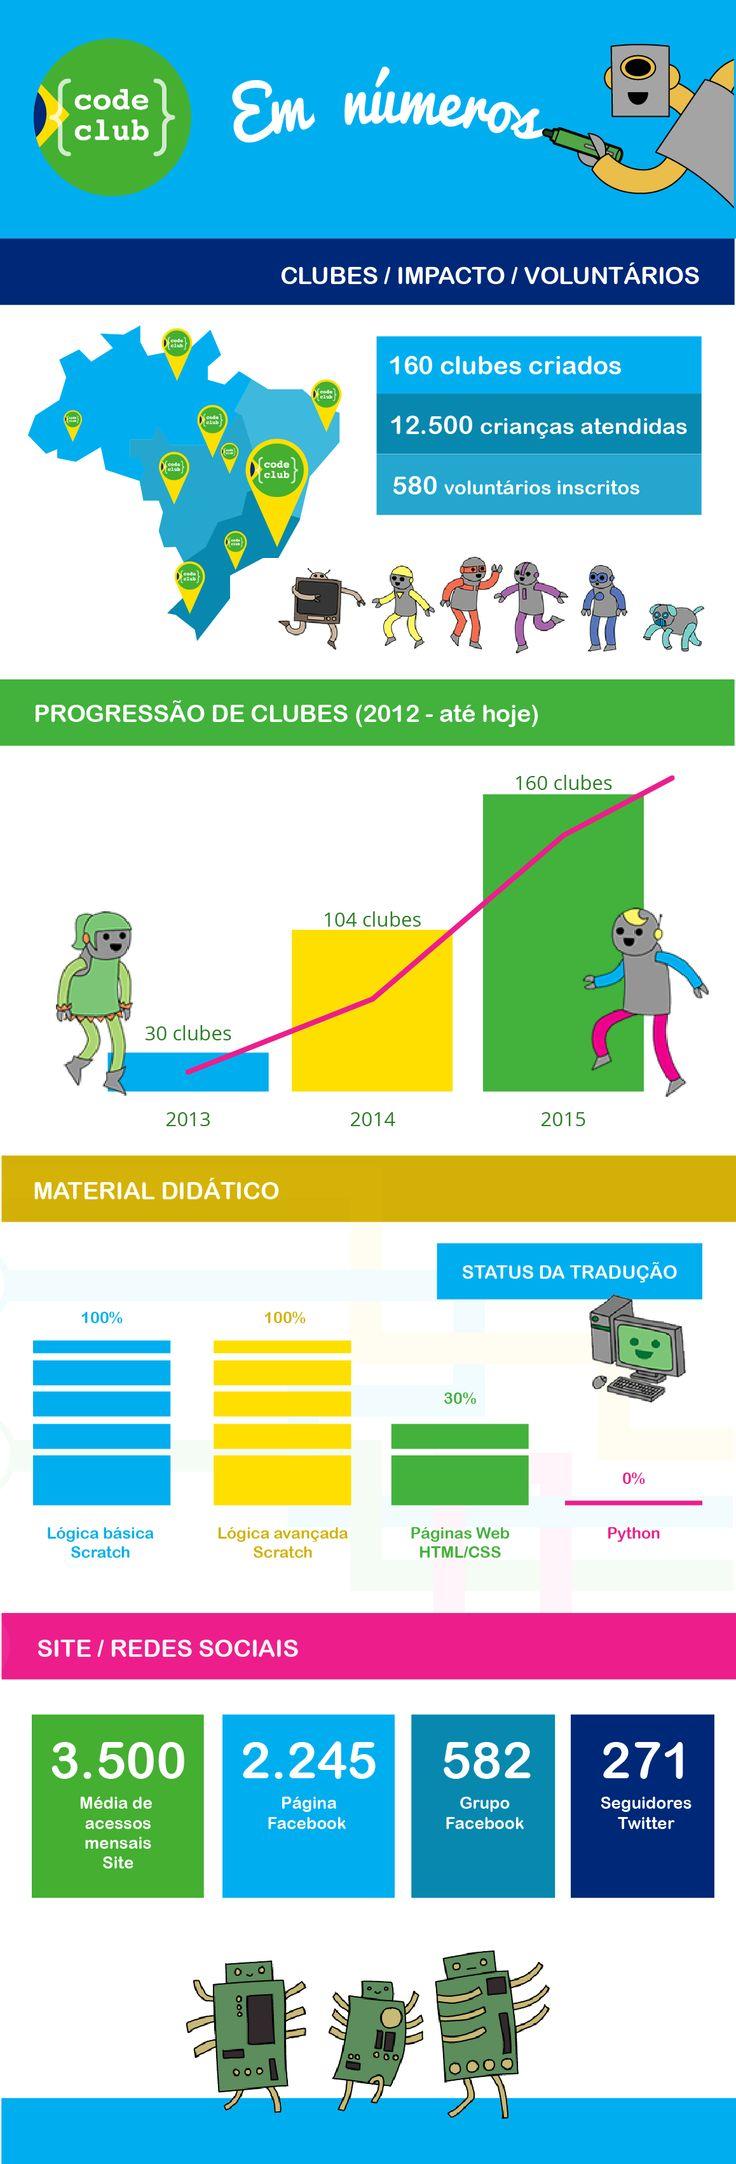 Code Club Brasil | Benfeitoria: crowdfunding sem comissão para projetos de impacto